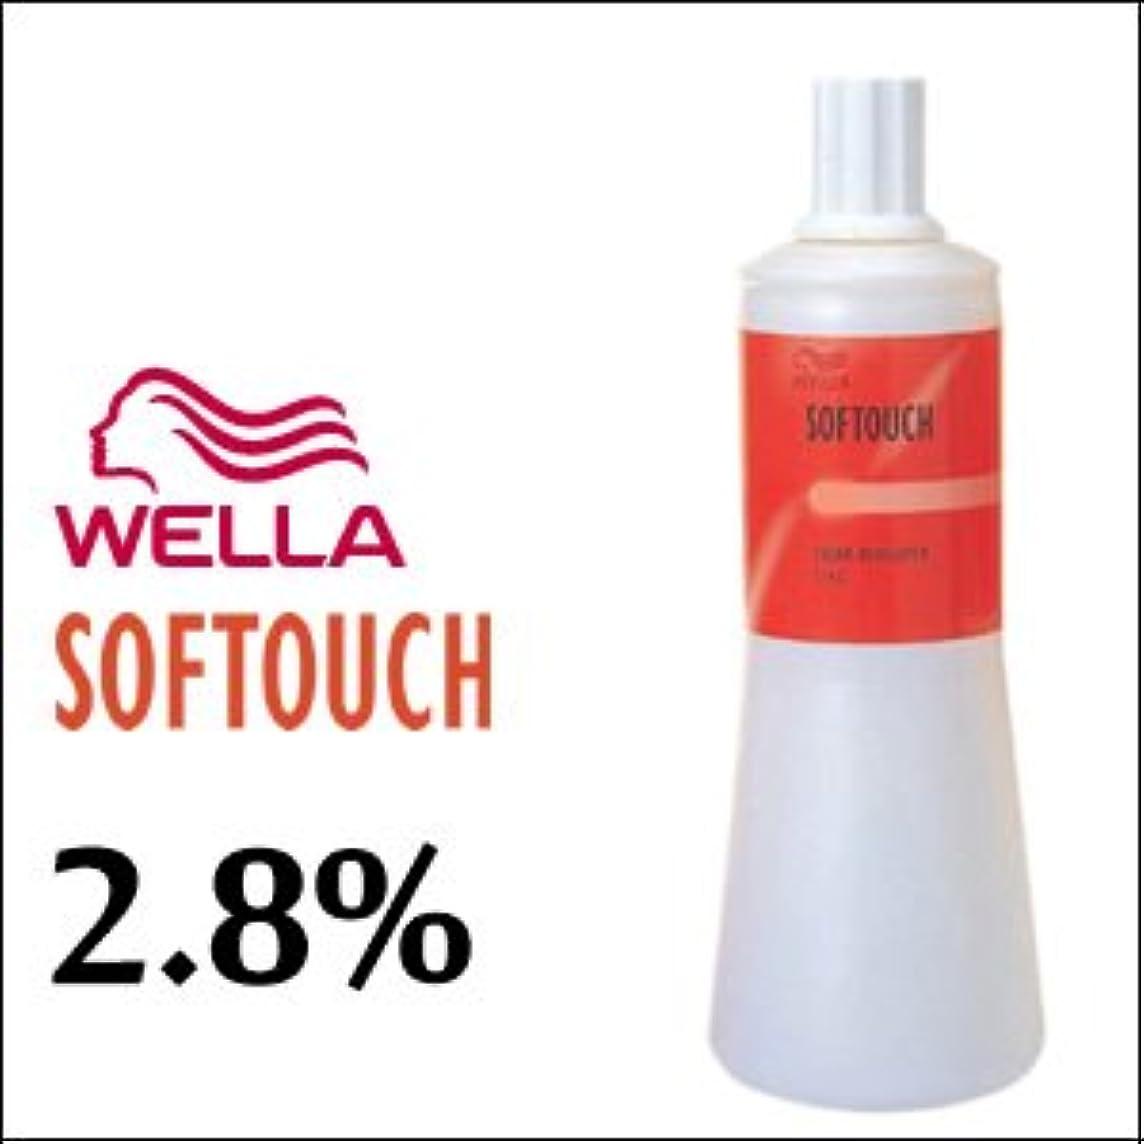 剪断意図的グリットウエラ ヘアカラー ソフタッチ クリームディベロッパー 2.8% 1L